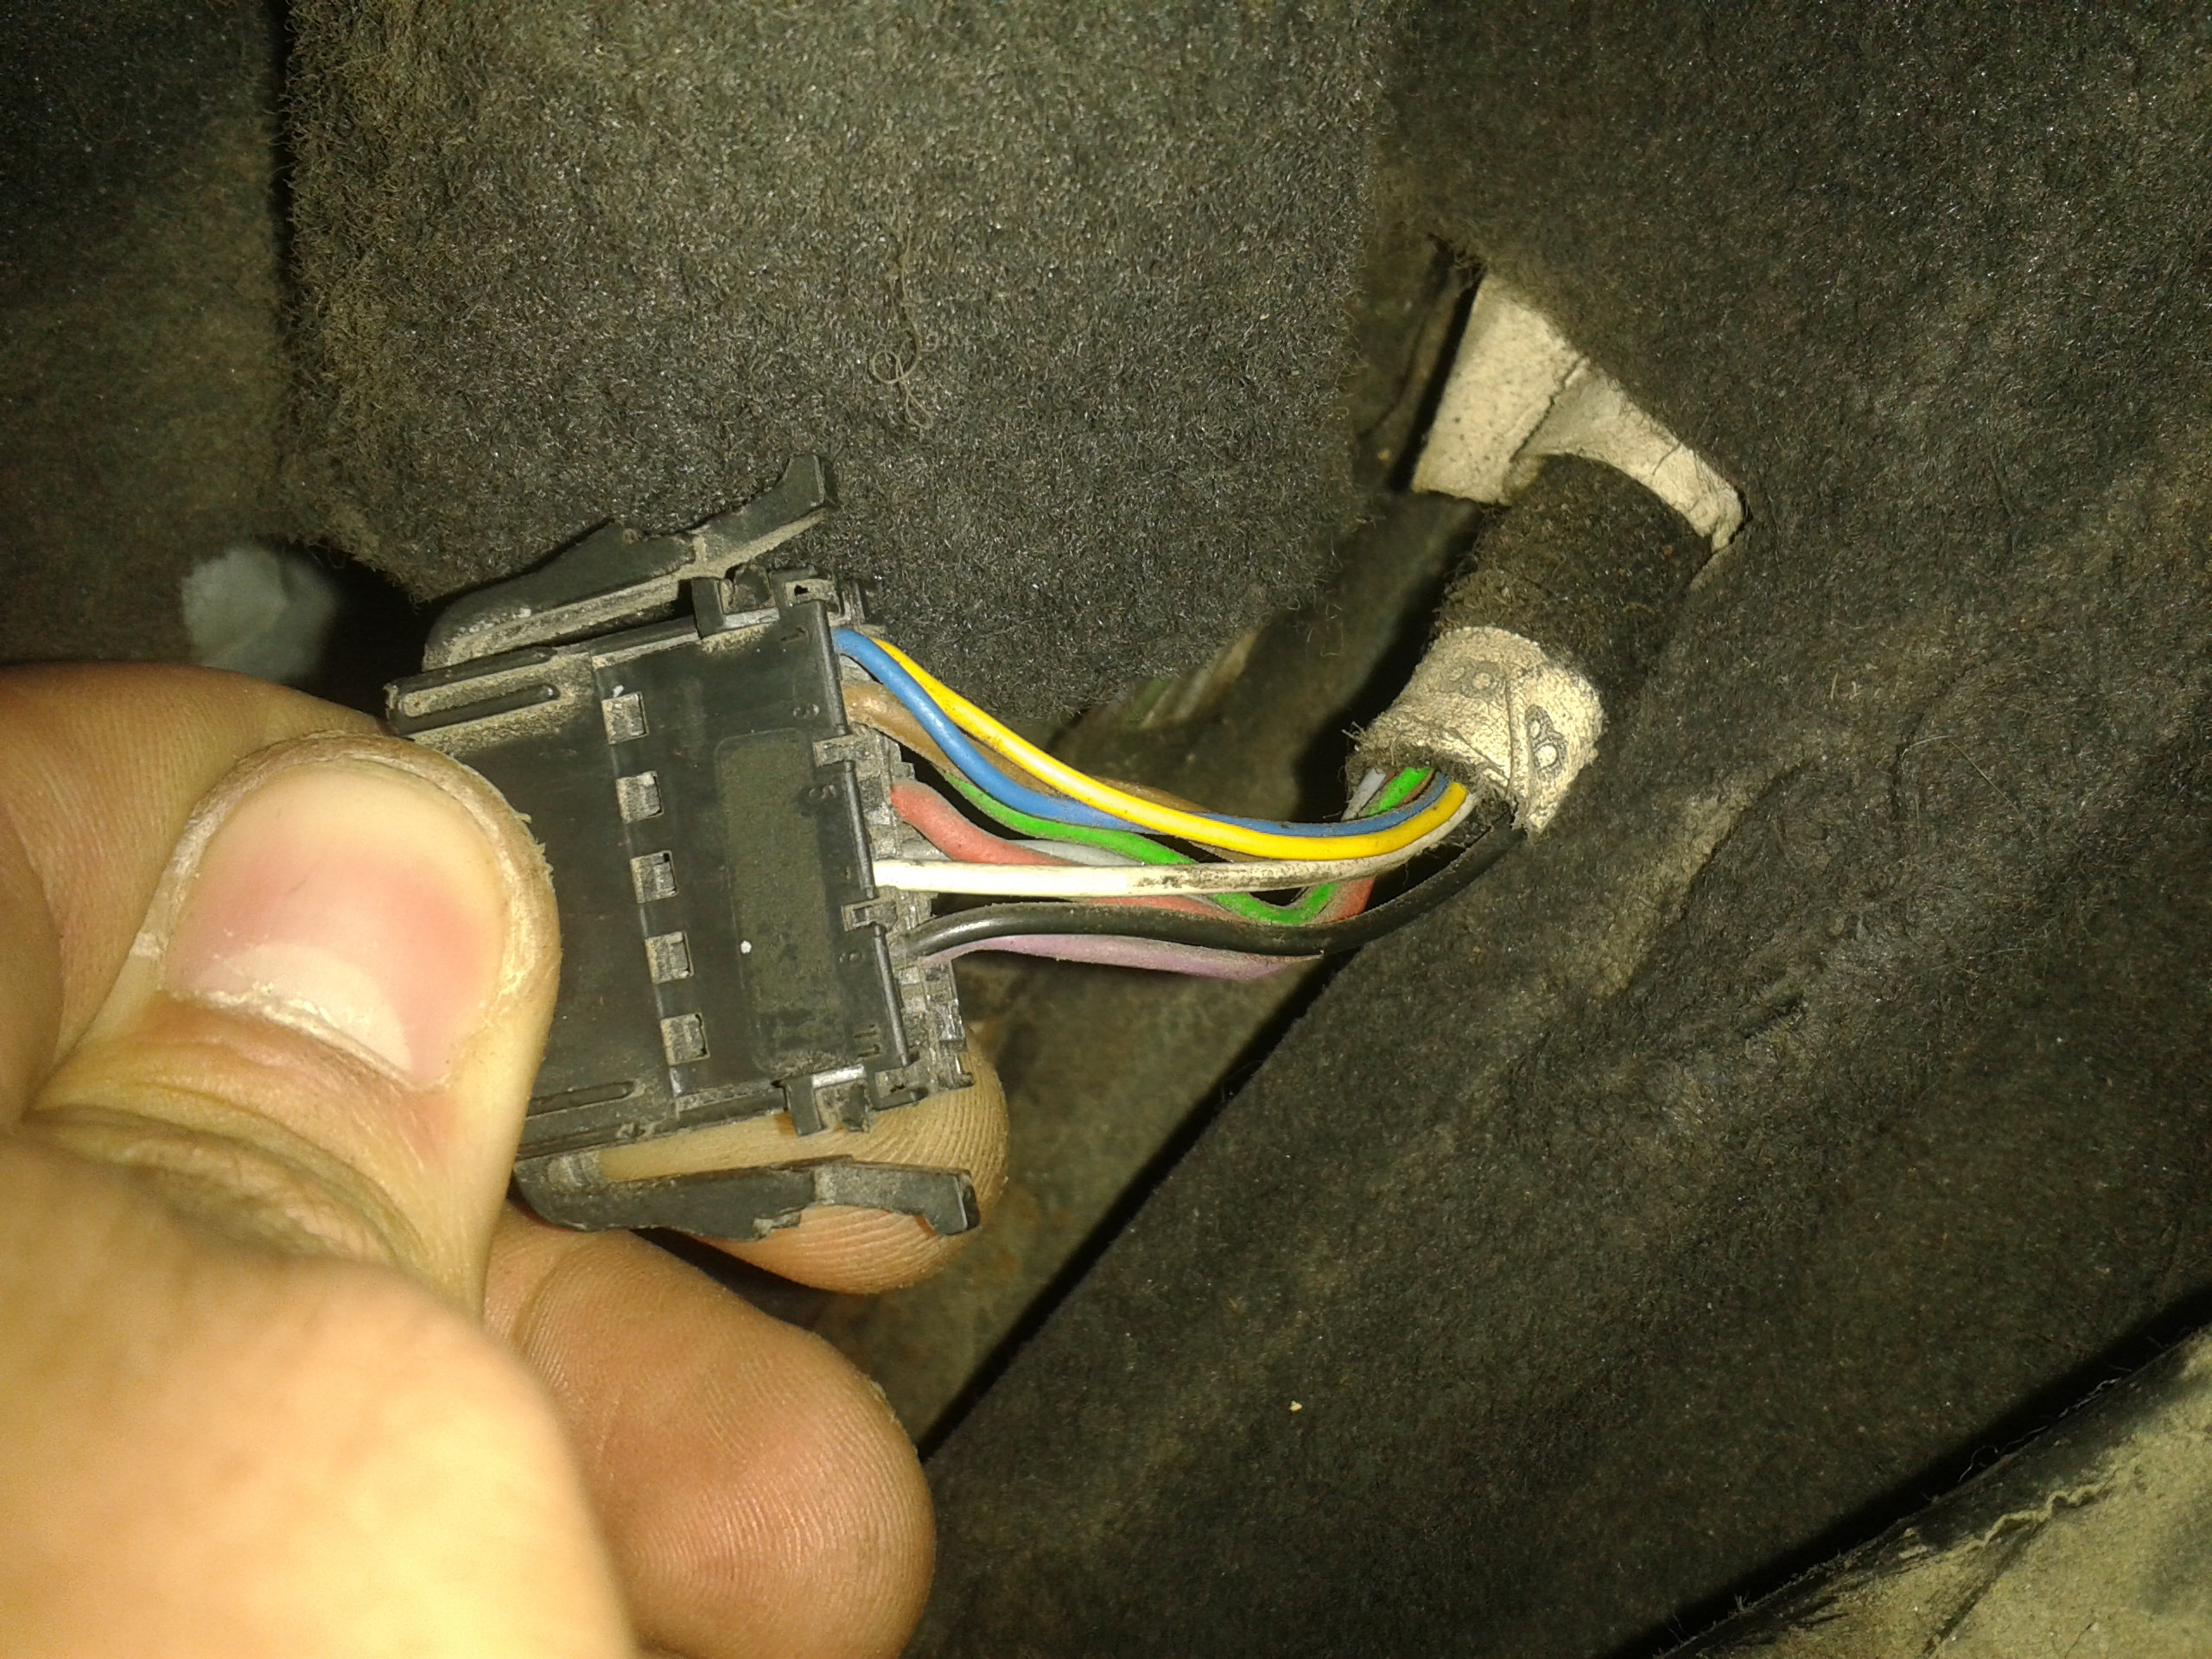 Vw Bora Dosłowny Brak Oświetlenia Bagażnika Elektrodapl